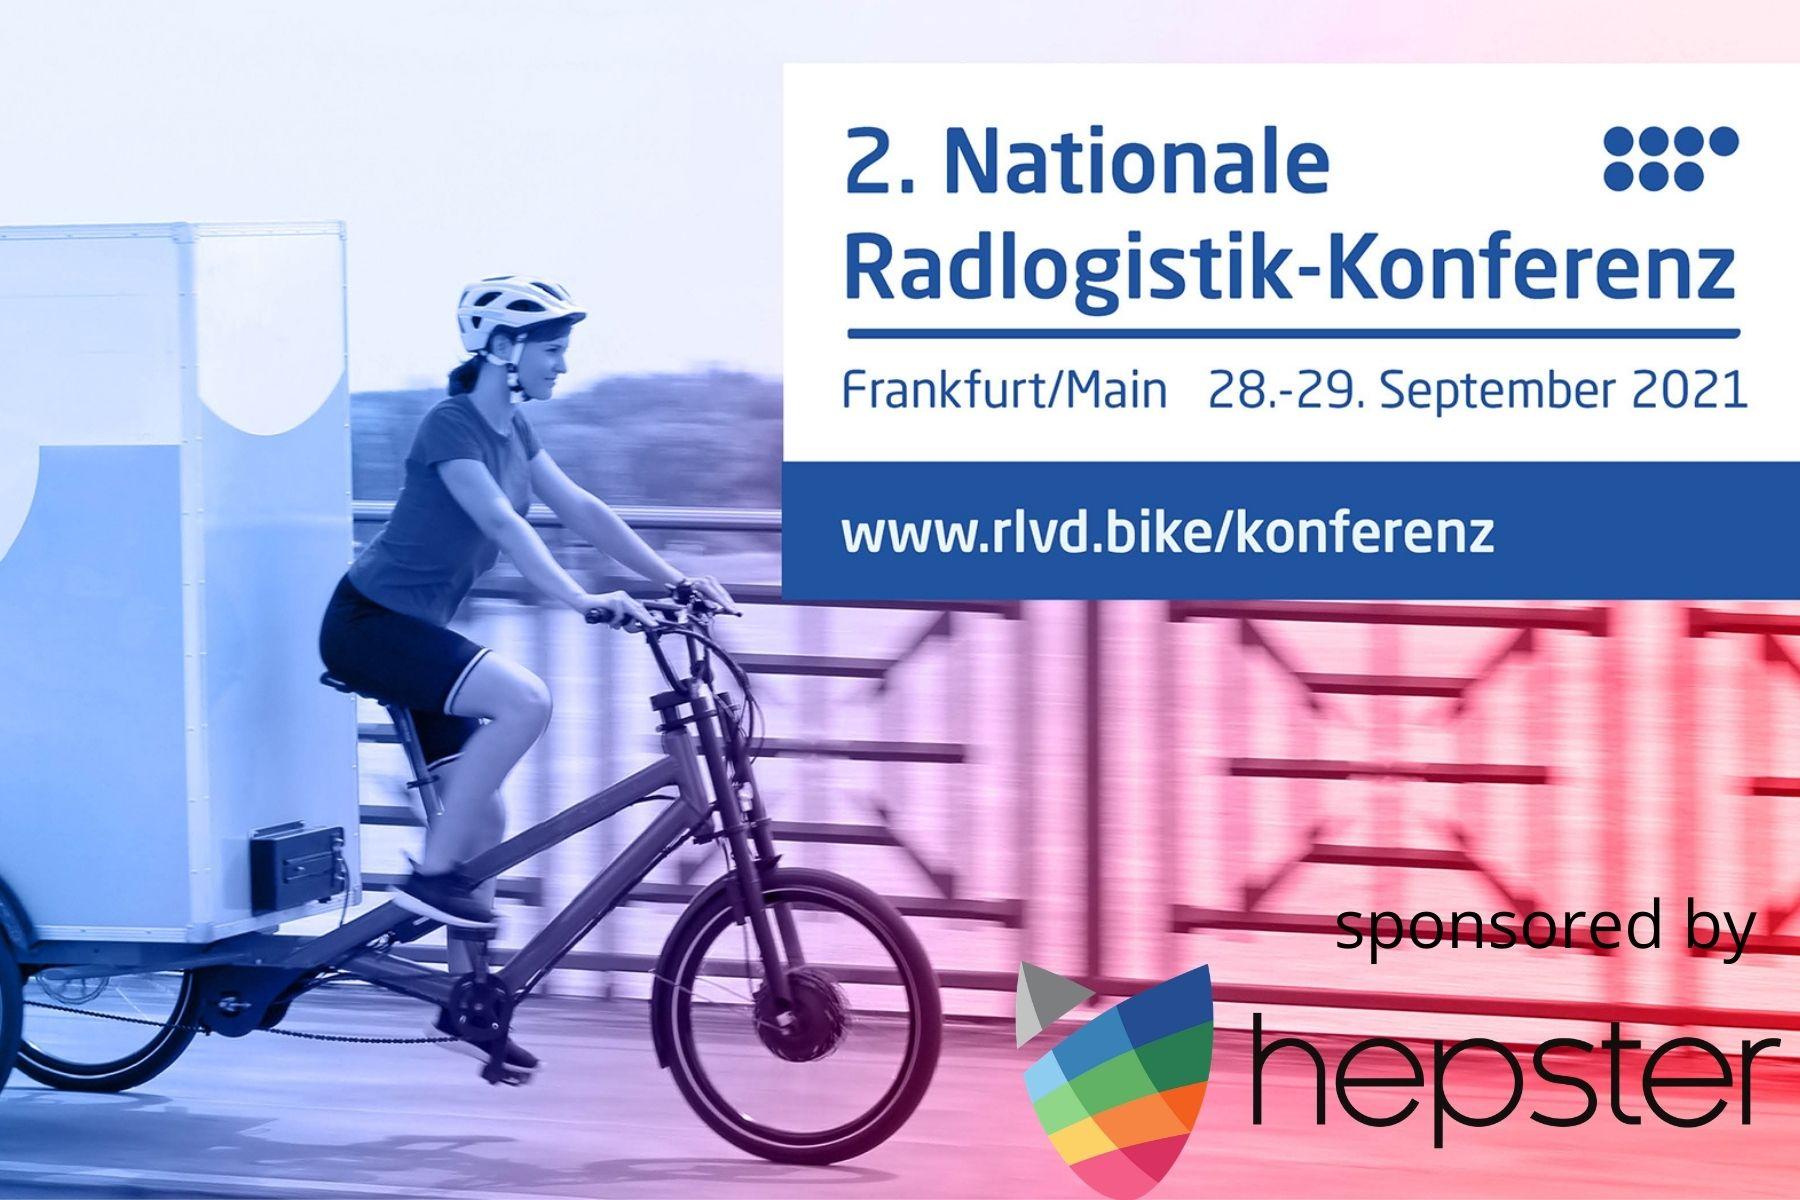 hepster ist Sponsor der Nationalen Radlogistik-Konferenz des RLVD